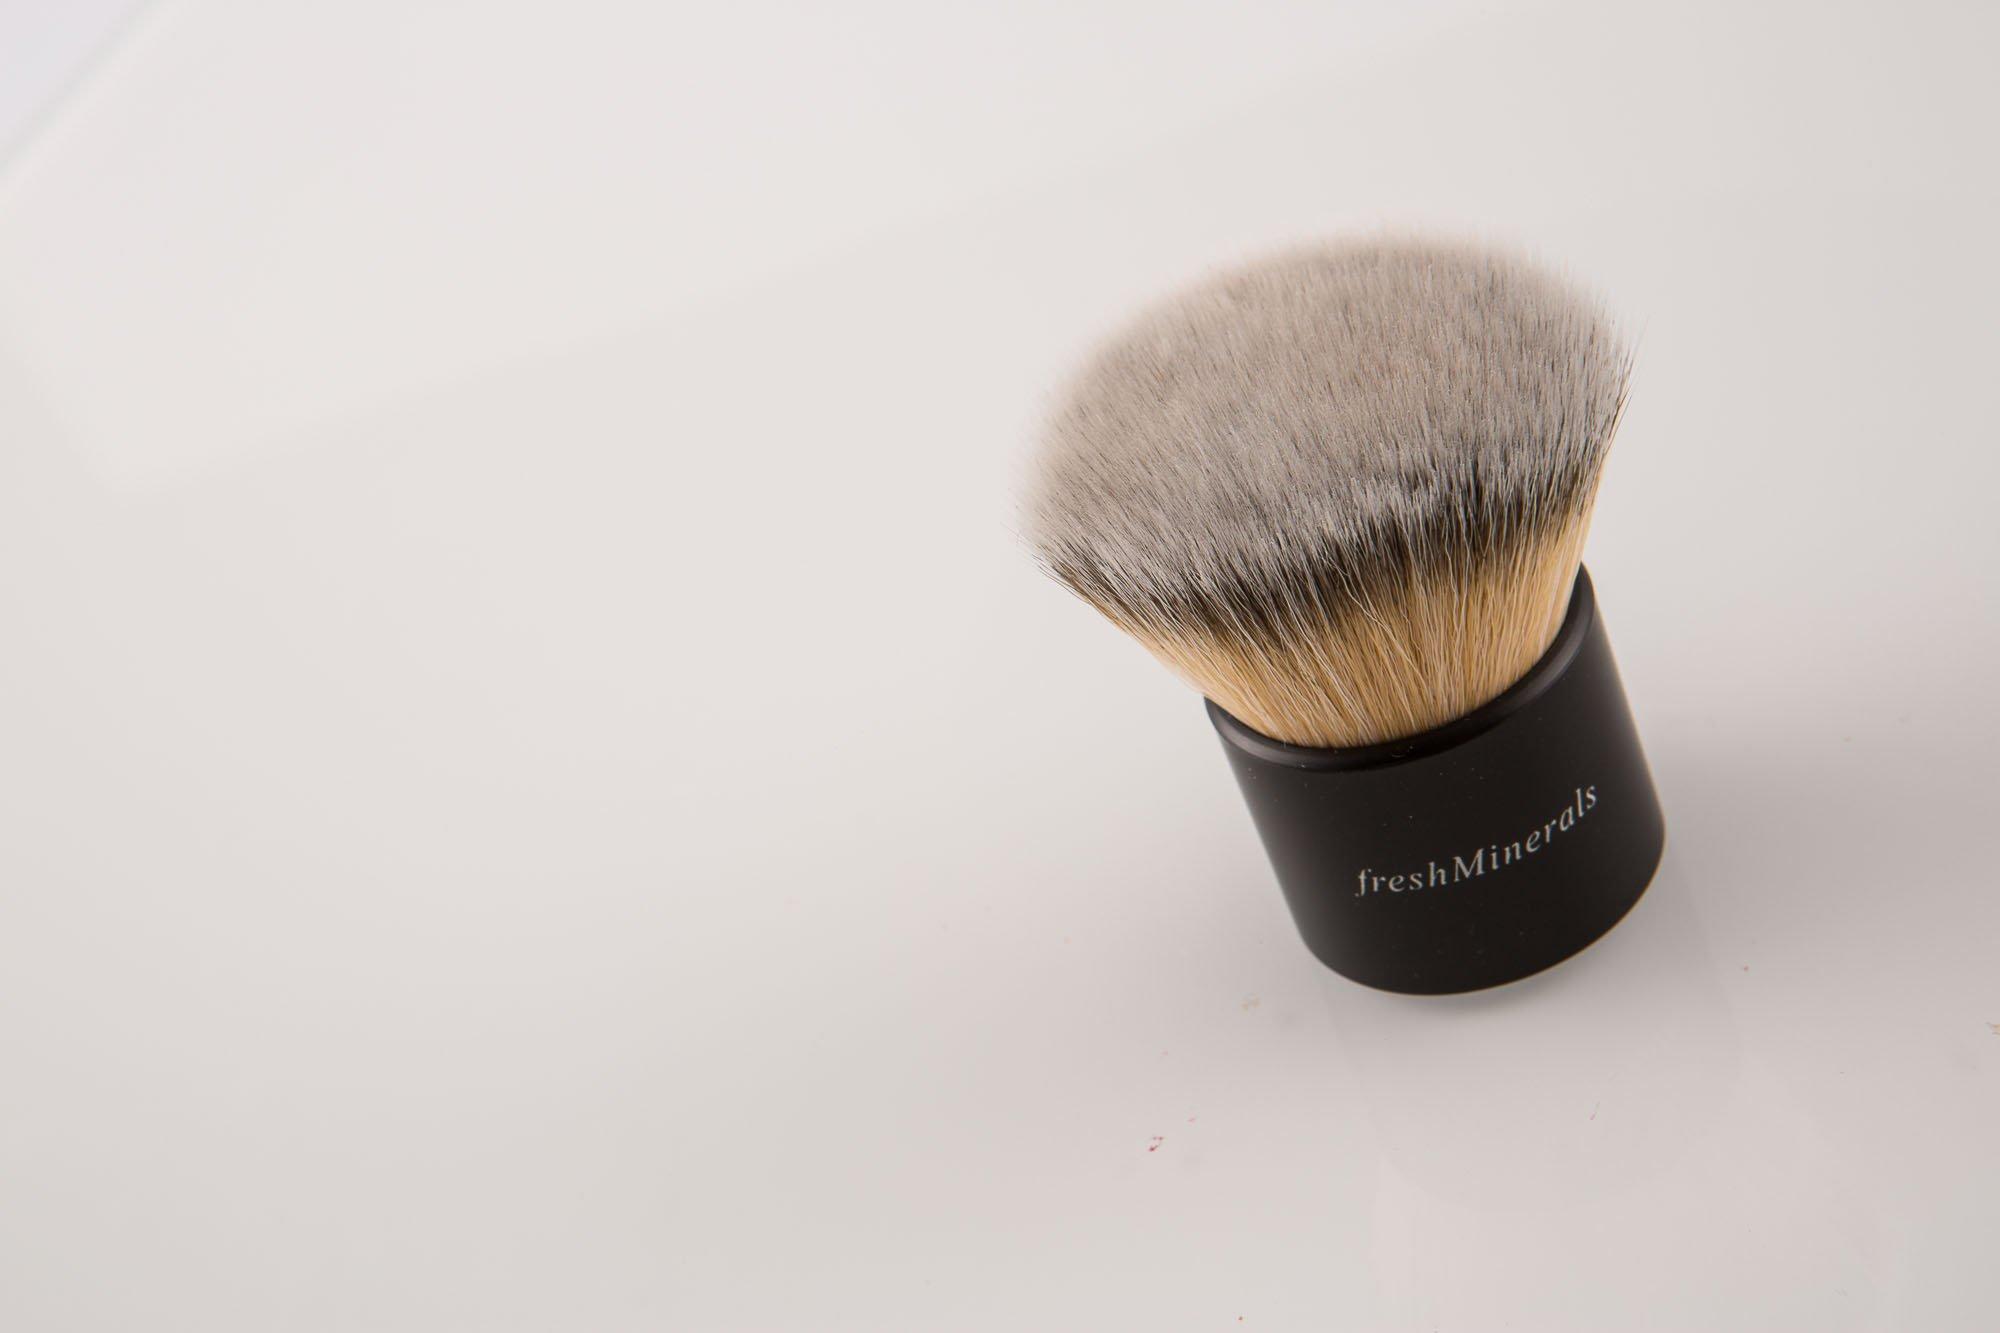 freshMinerals Kabuki Brush, 0.40 Gram